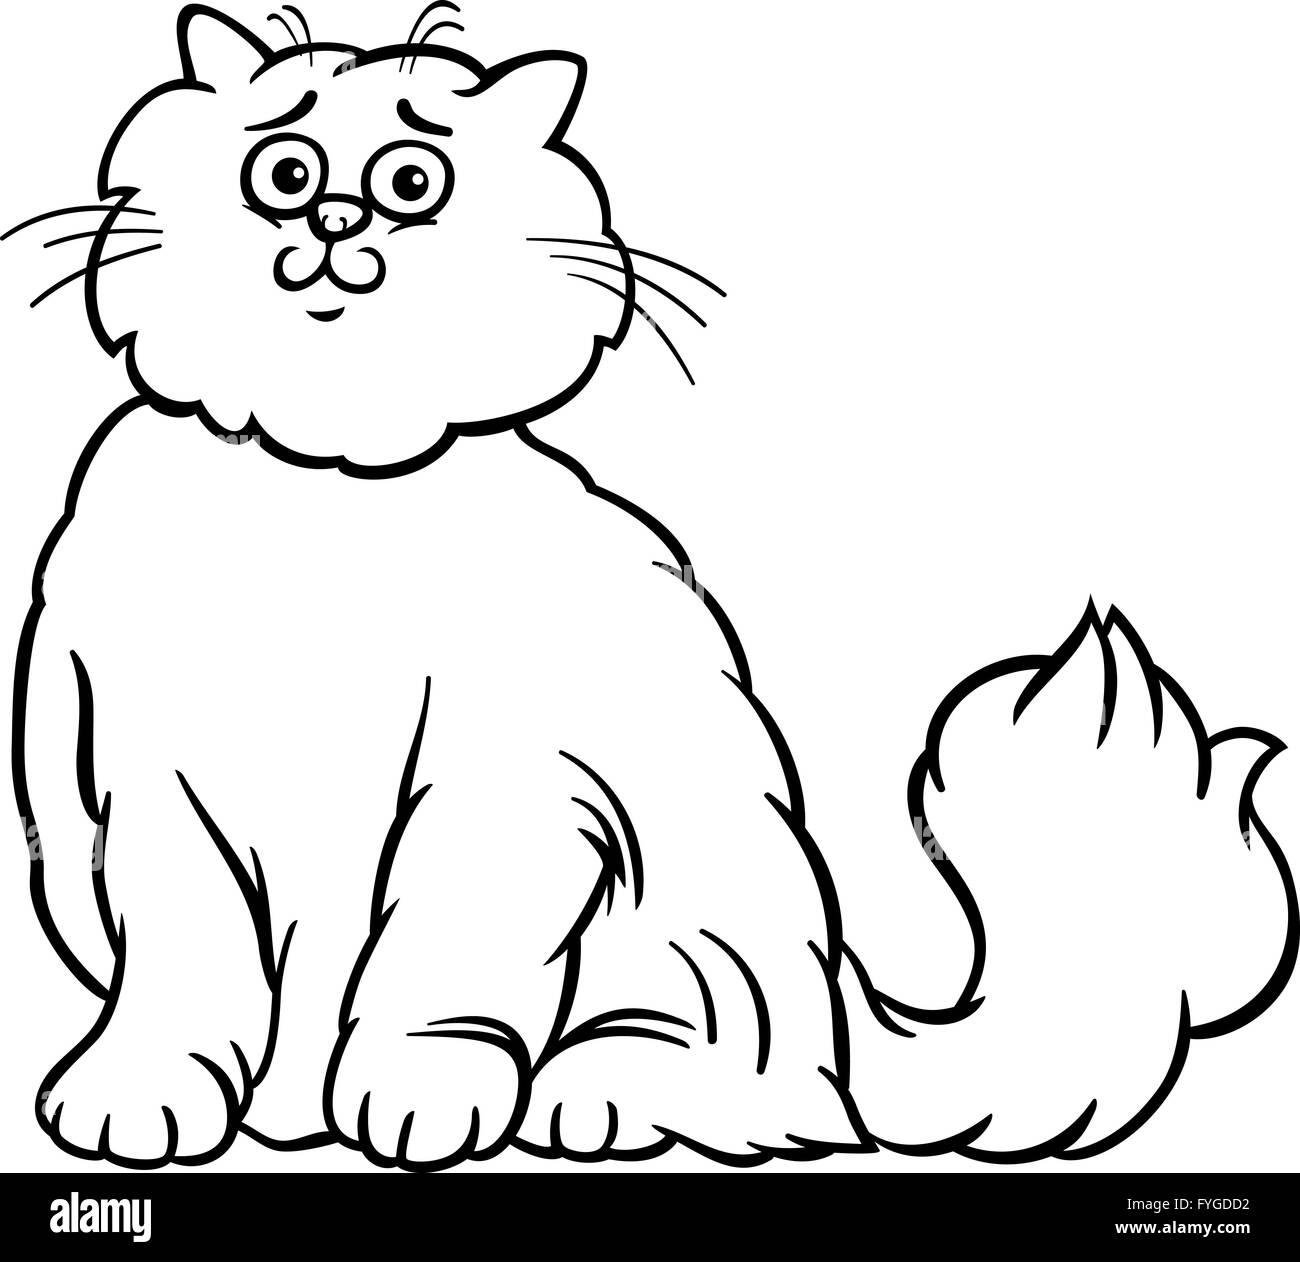 persische Katze Cartoon Malvorlagen Stockfoto, Bild: 103009342 - Alamy